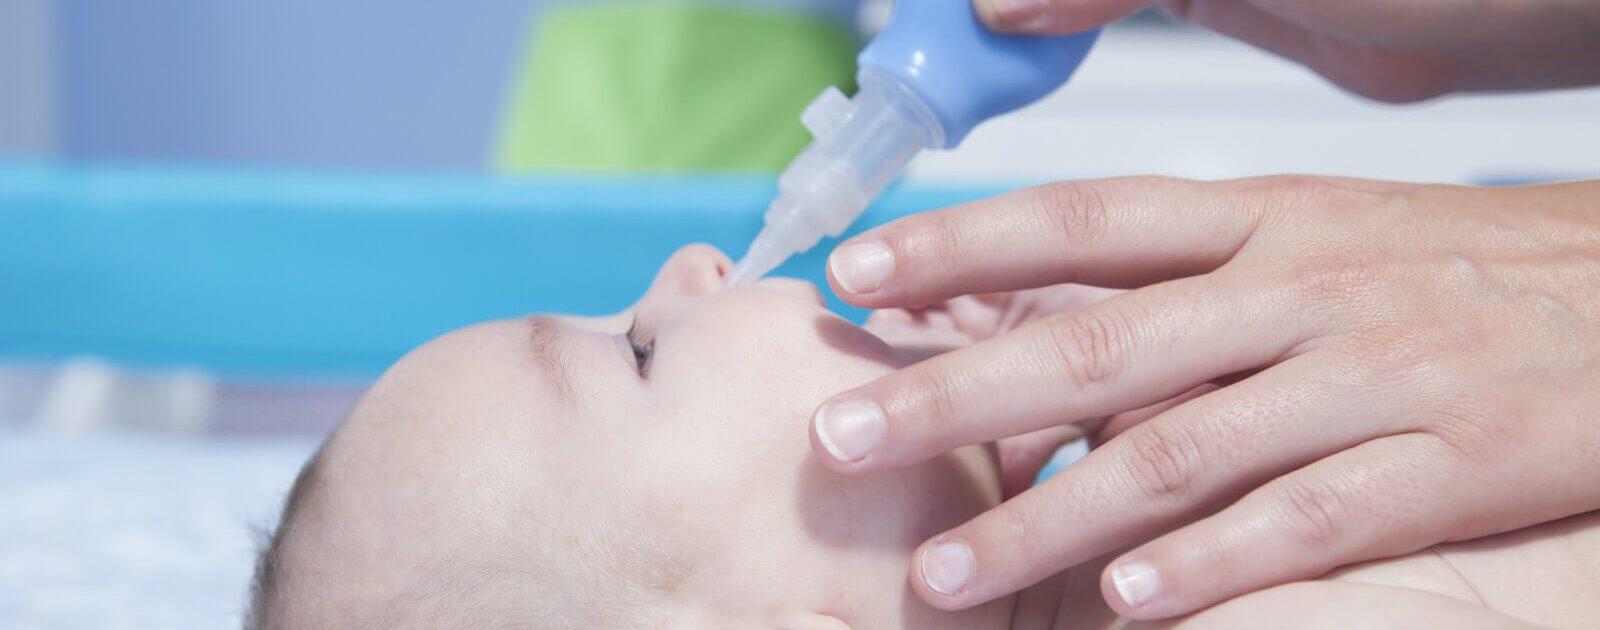 Mit einem Nasensauger befreit eine Mutter ihr Kind von Verstopfungen in der Nase.